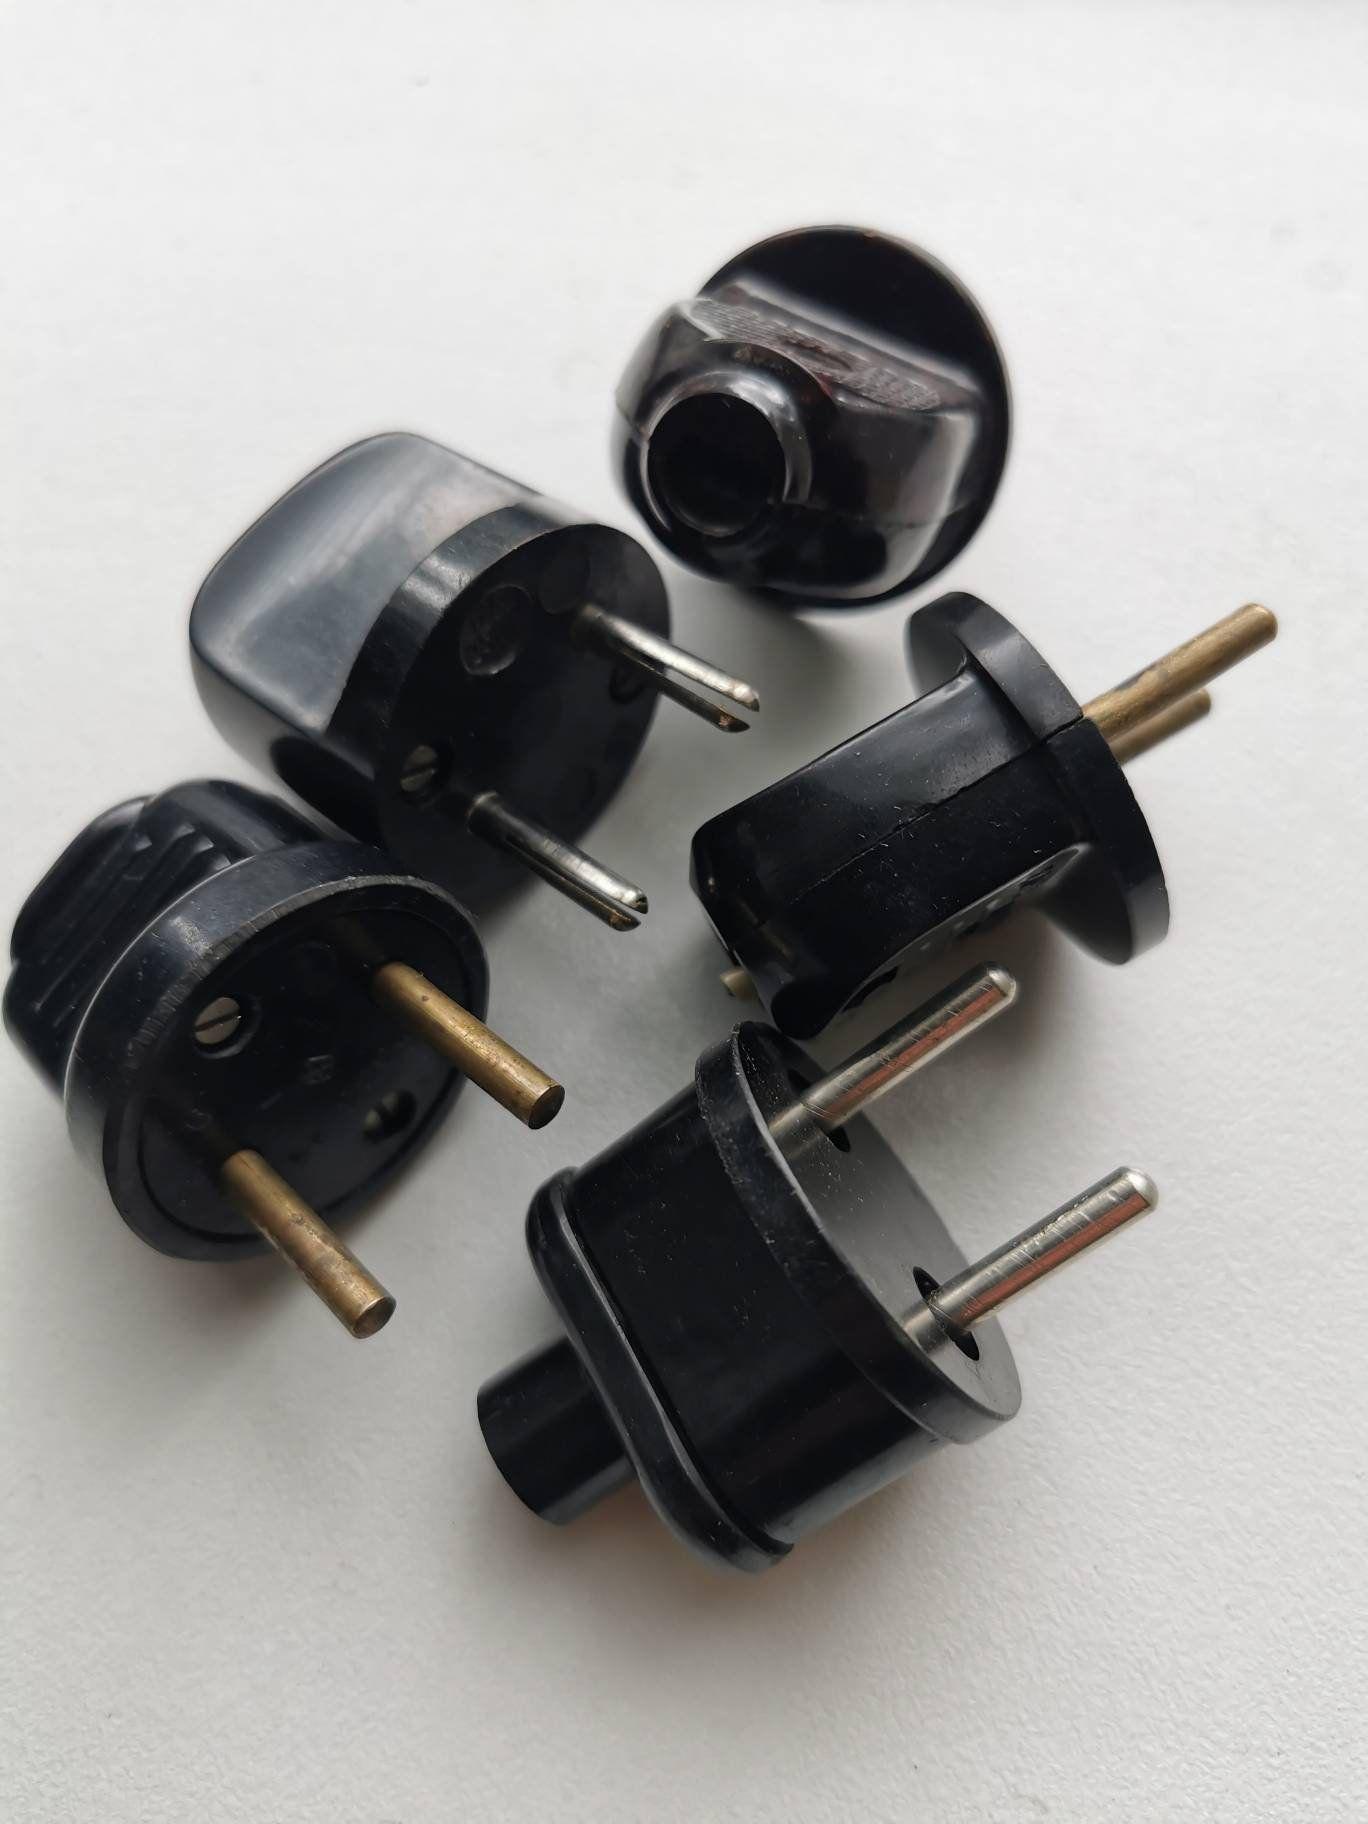 Wall-plug contact 1970s Brown bakelite wall socket Industrial power supply plug 220V socket USSR Vintage bakelite electrical socket plug